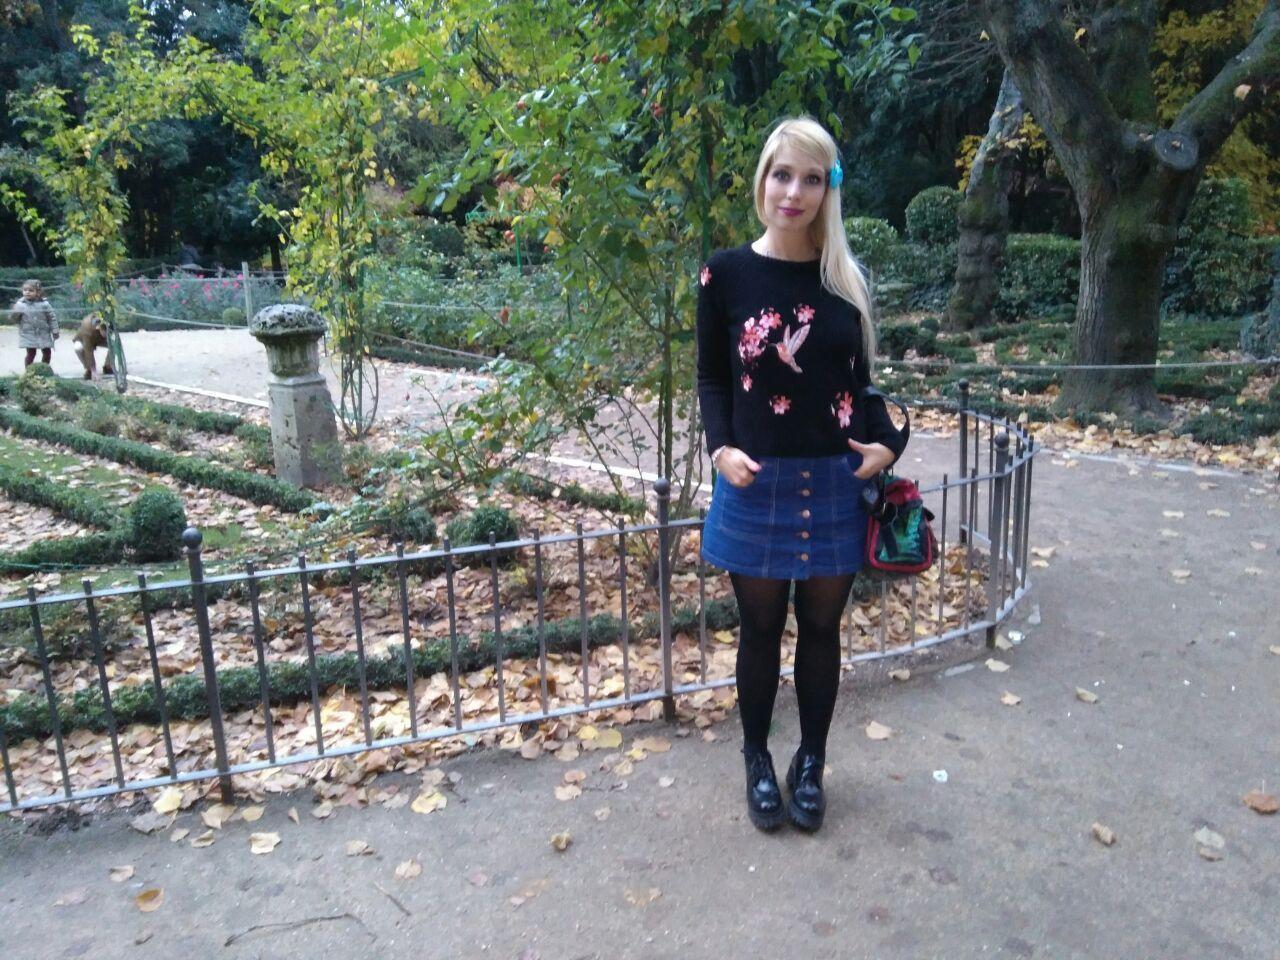 marikowksaya-street-style-paula-jersey-negro-bordado-7